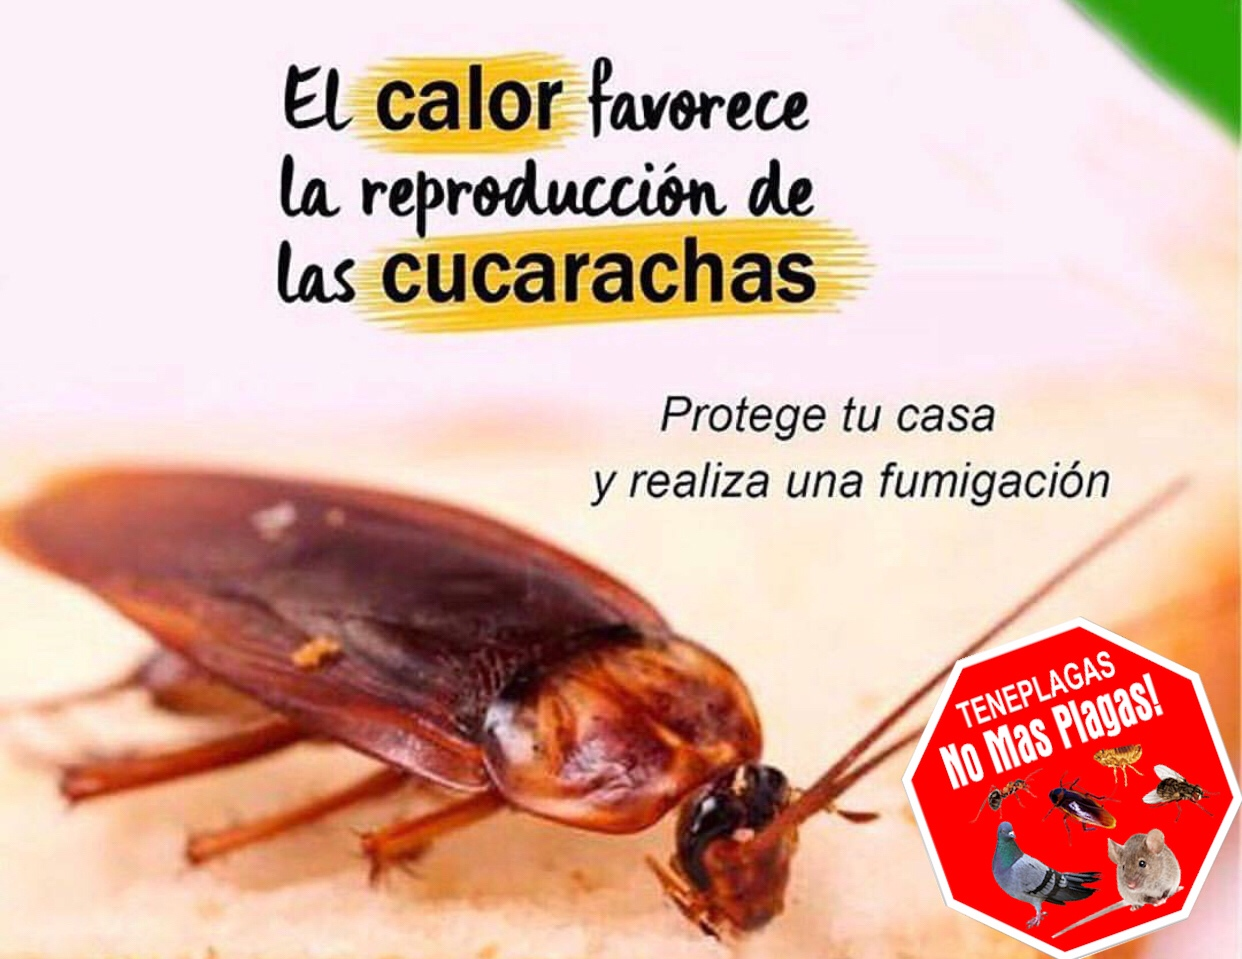 Tengo cucarachas en casa qu hago teneplagas - Tengo pulgas en casa ...